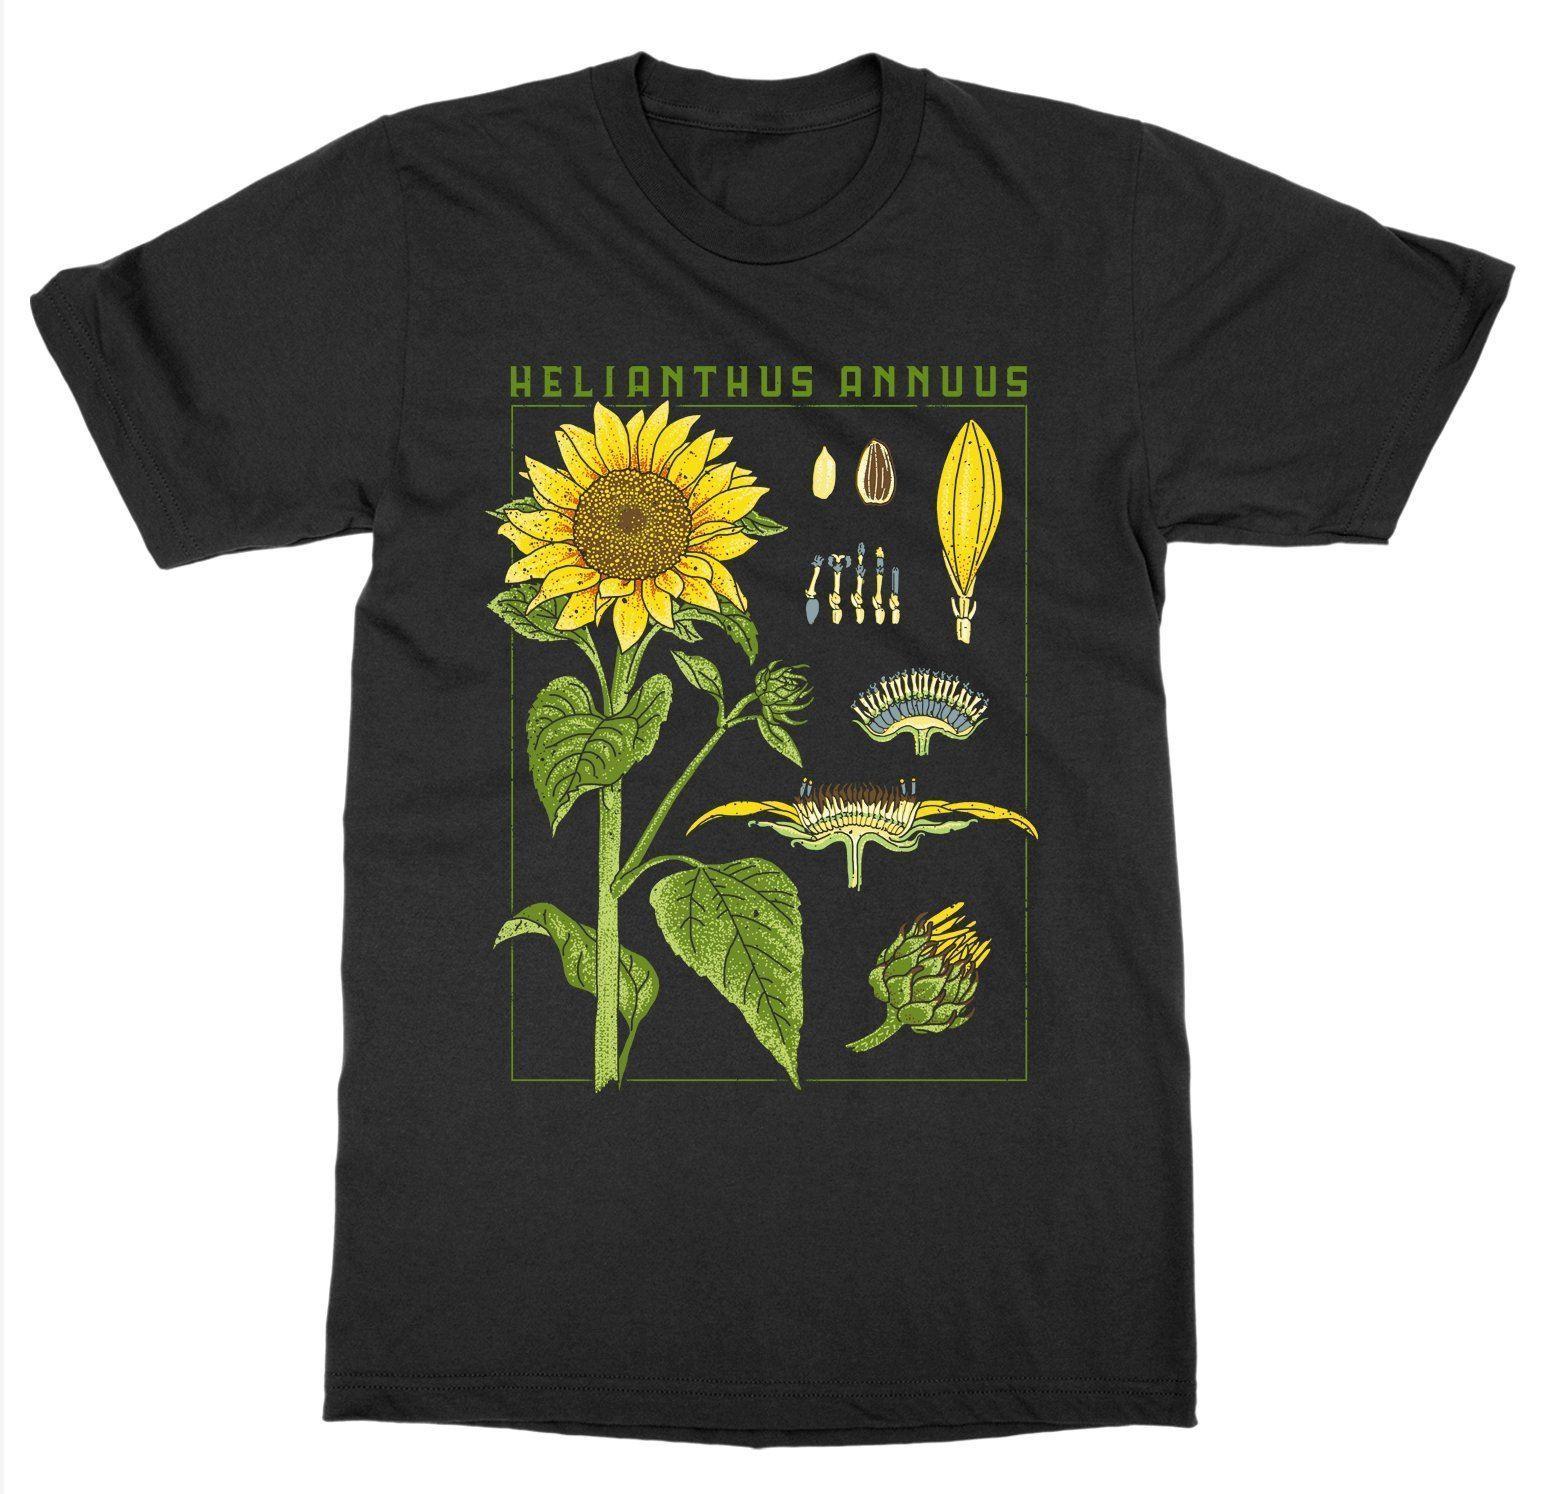 Fashion Brand Tops Male Tshirt Men Sunflower T Shirt Botanical Garden Plant Print Art Botany Bloom Fruit Flowerdesign T Shirt in T Shirts from Men s